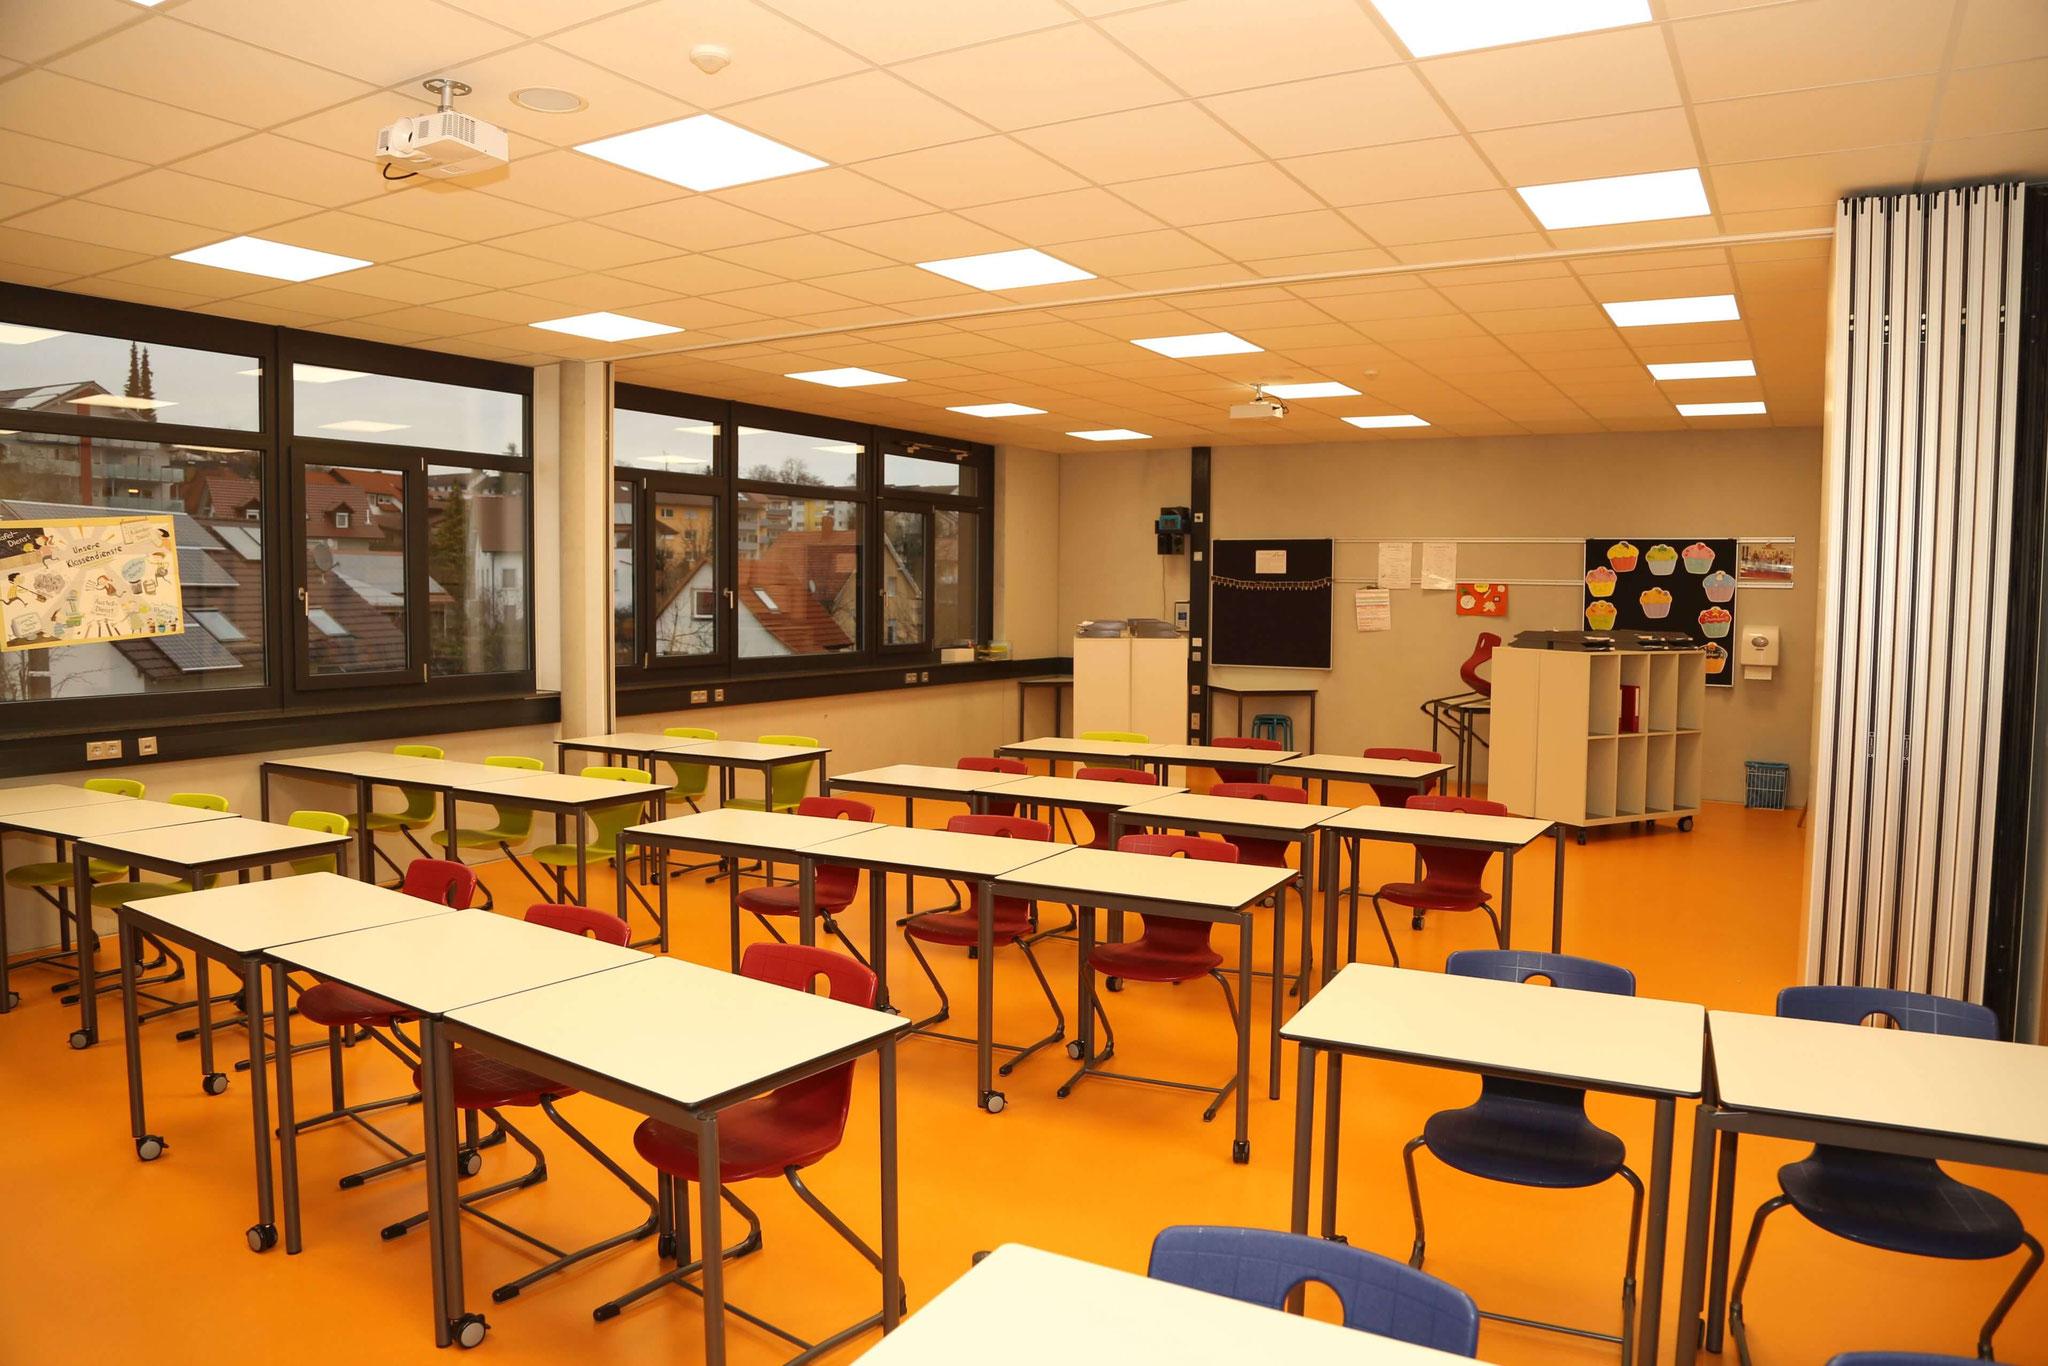 Beispiel für ein Klassenzimmer